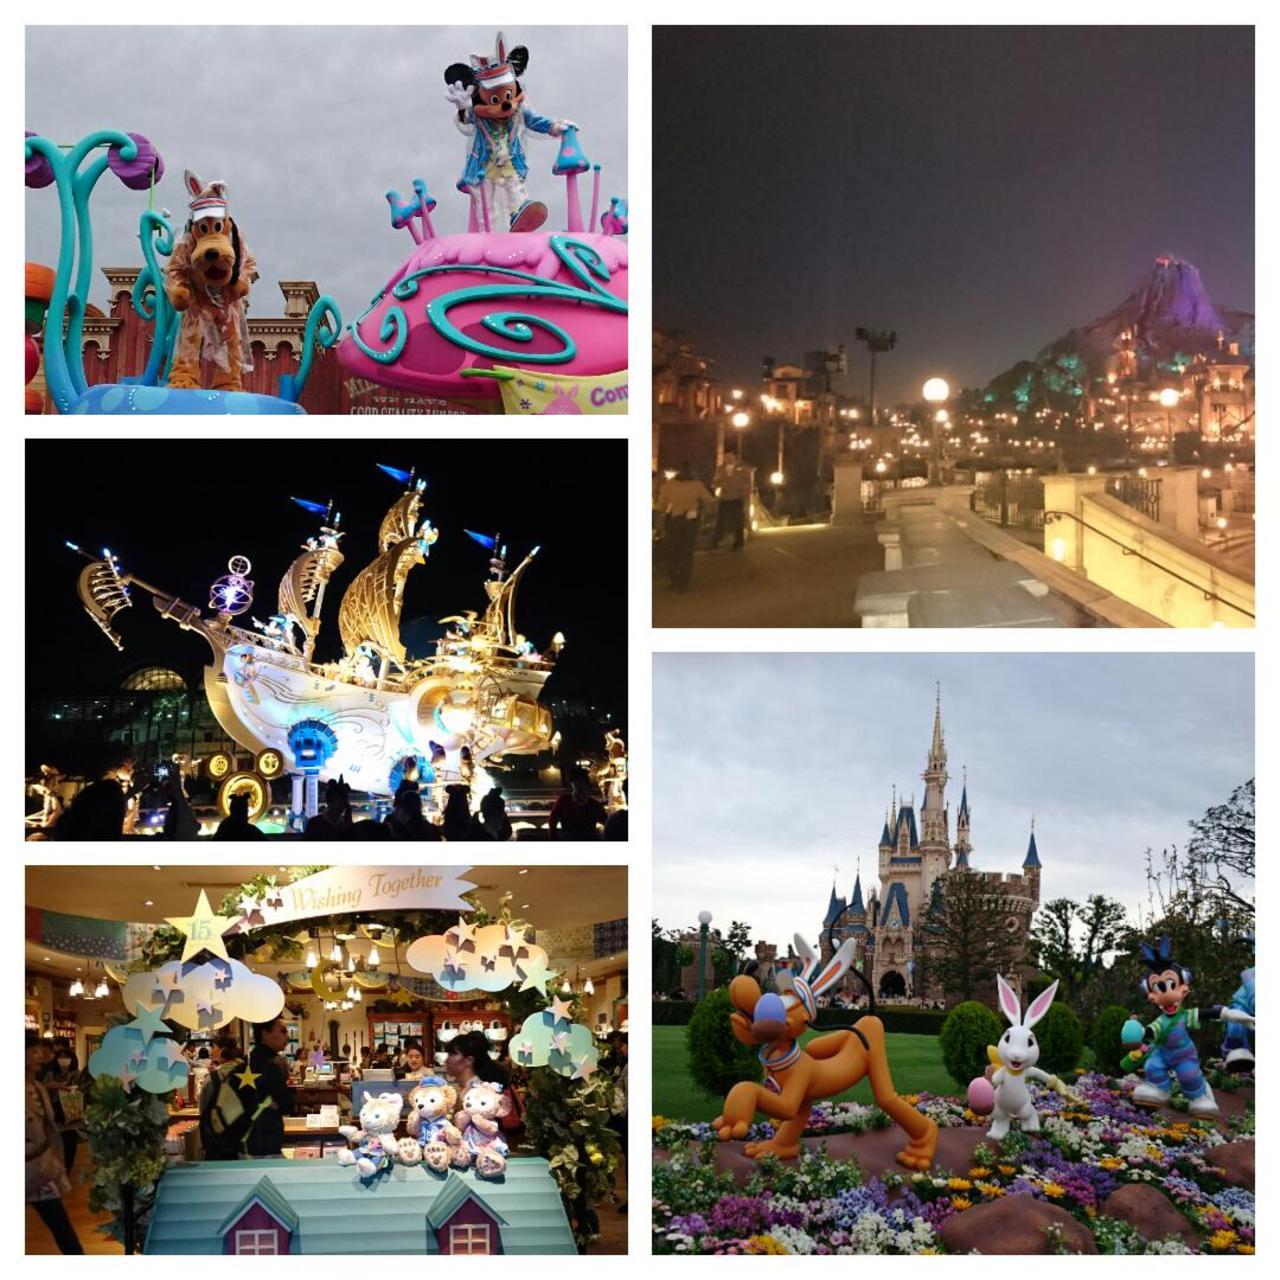 強風のシー&雨のランド』東京ディズニーリゾート(千葉県)の旅行記